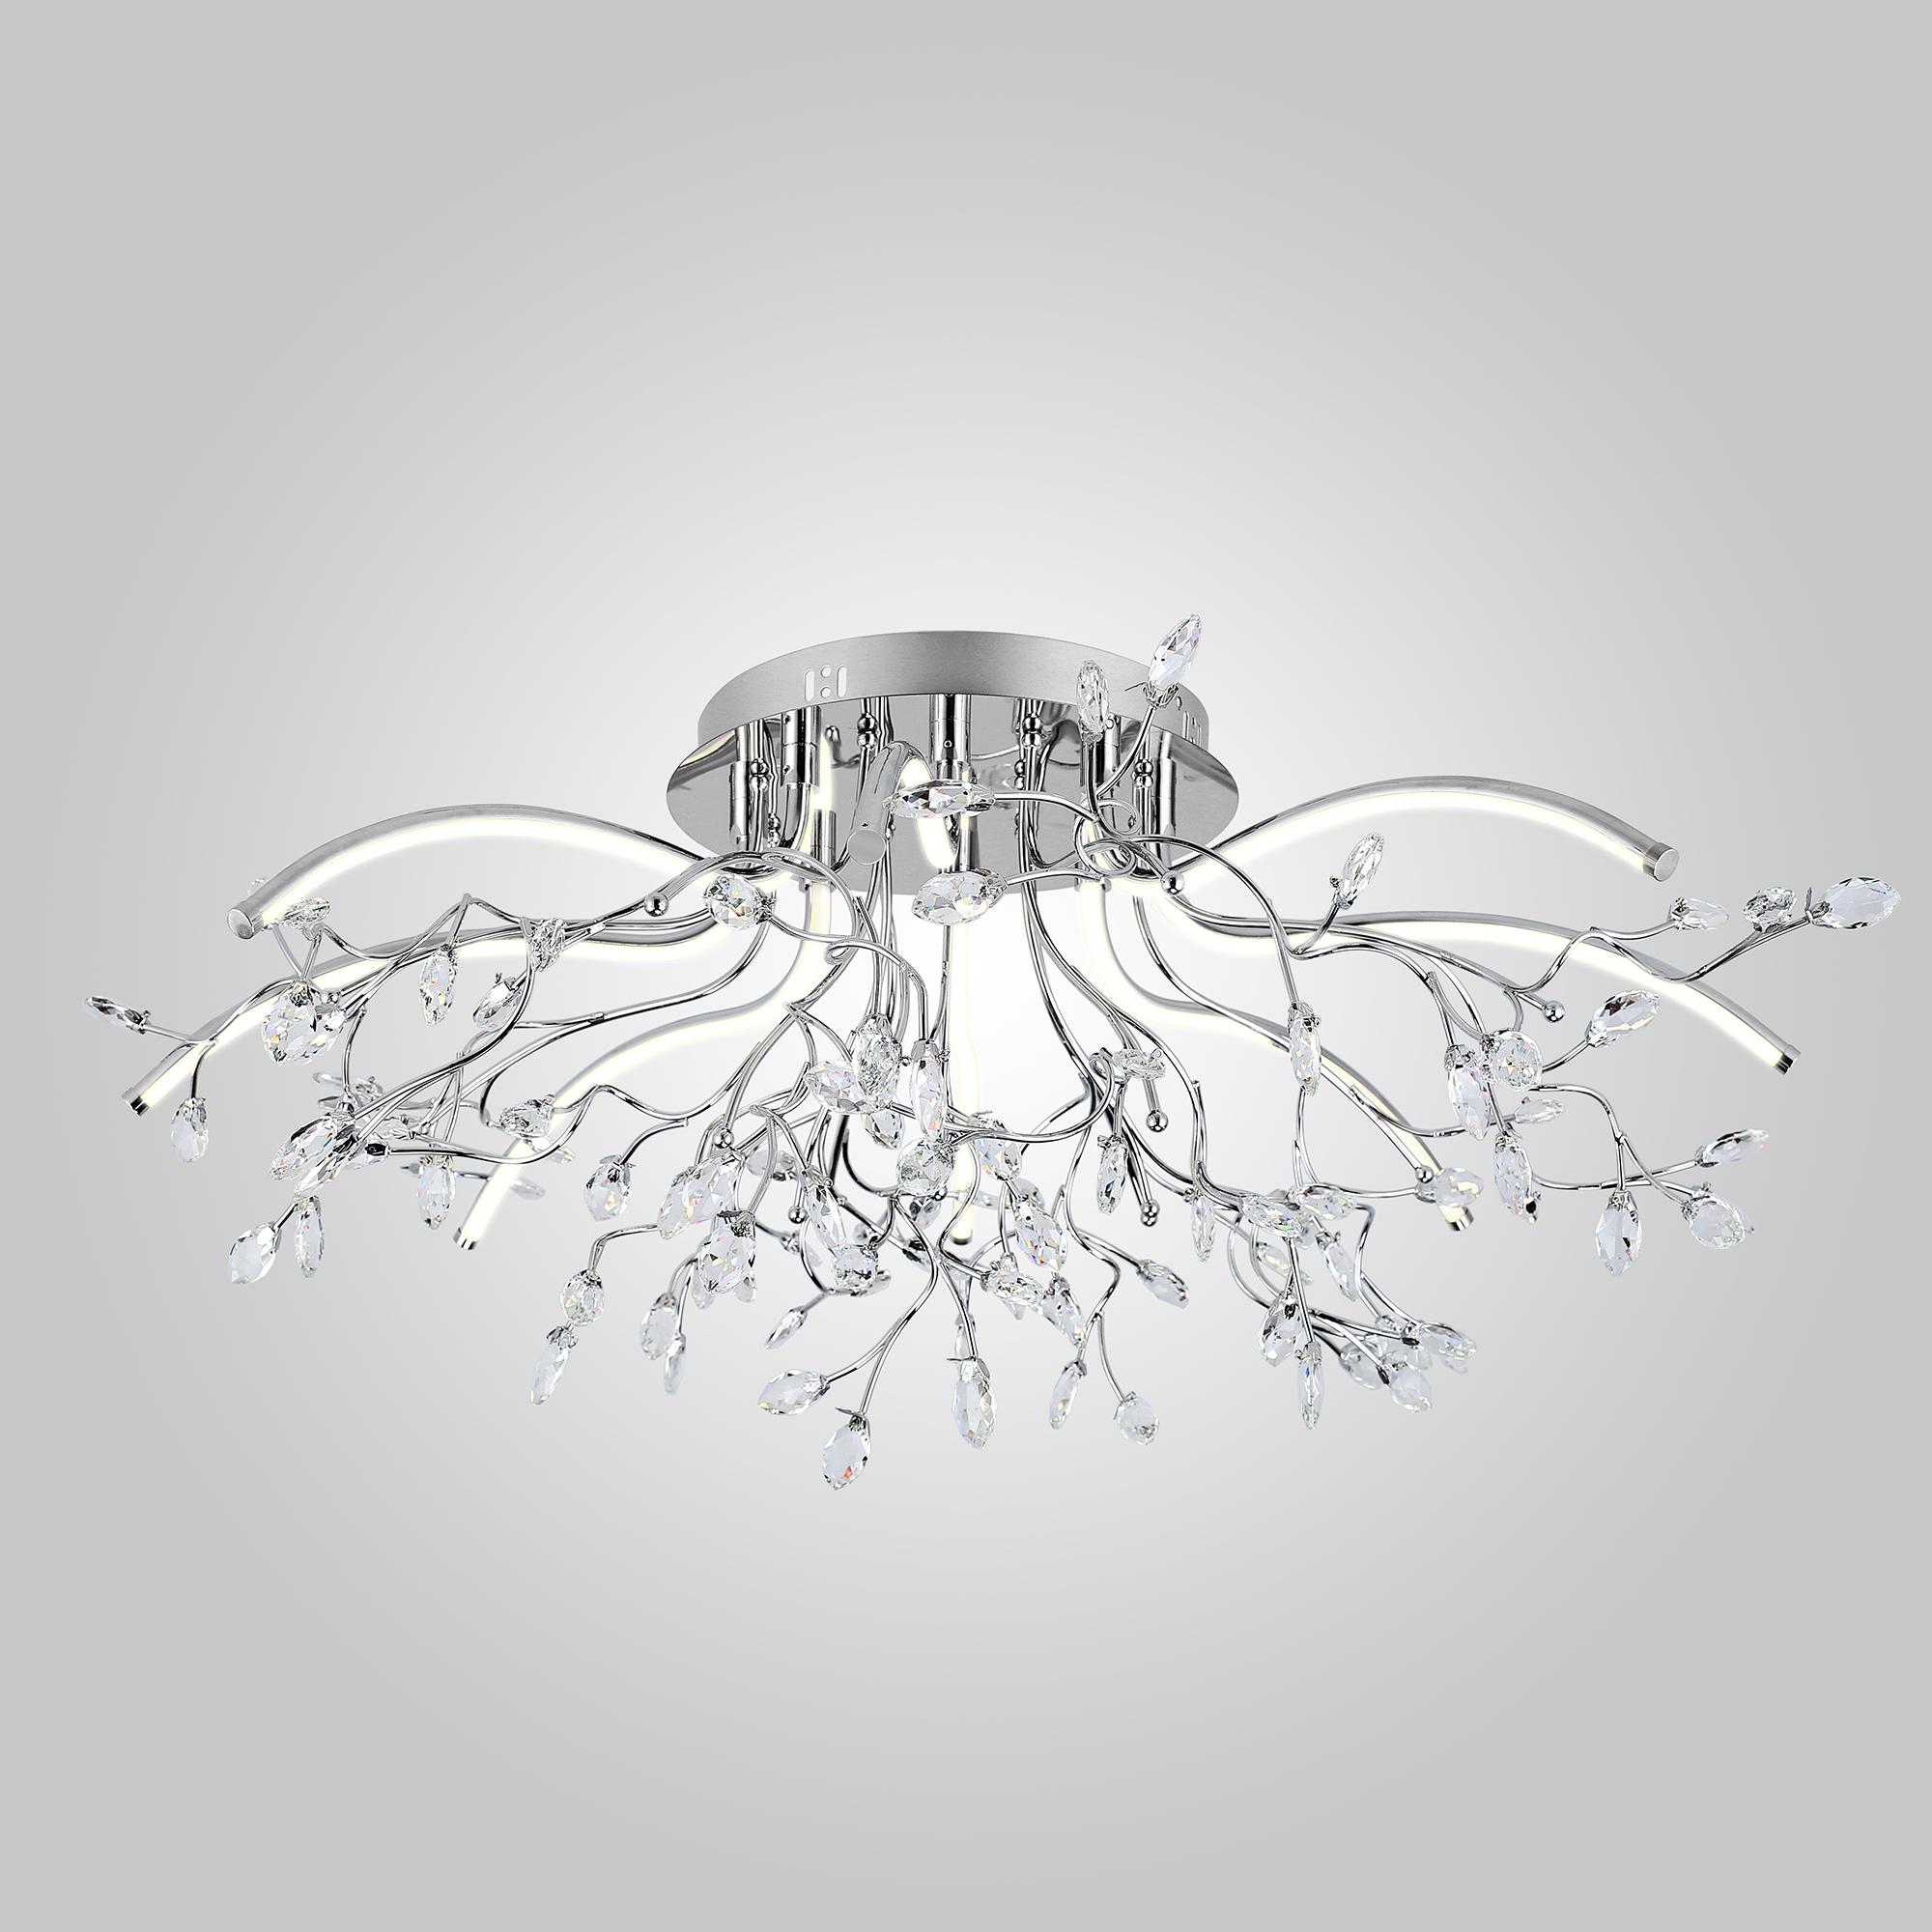 Потолочный светодиодный светильник Eurosvet 90036/8 хром фото